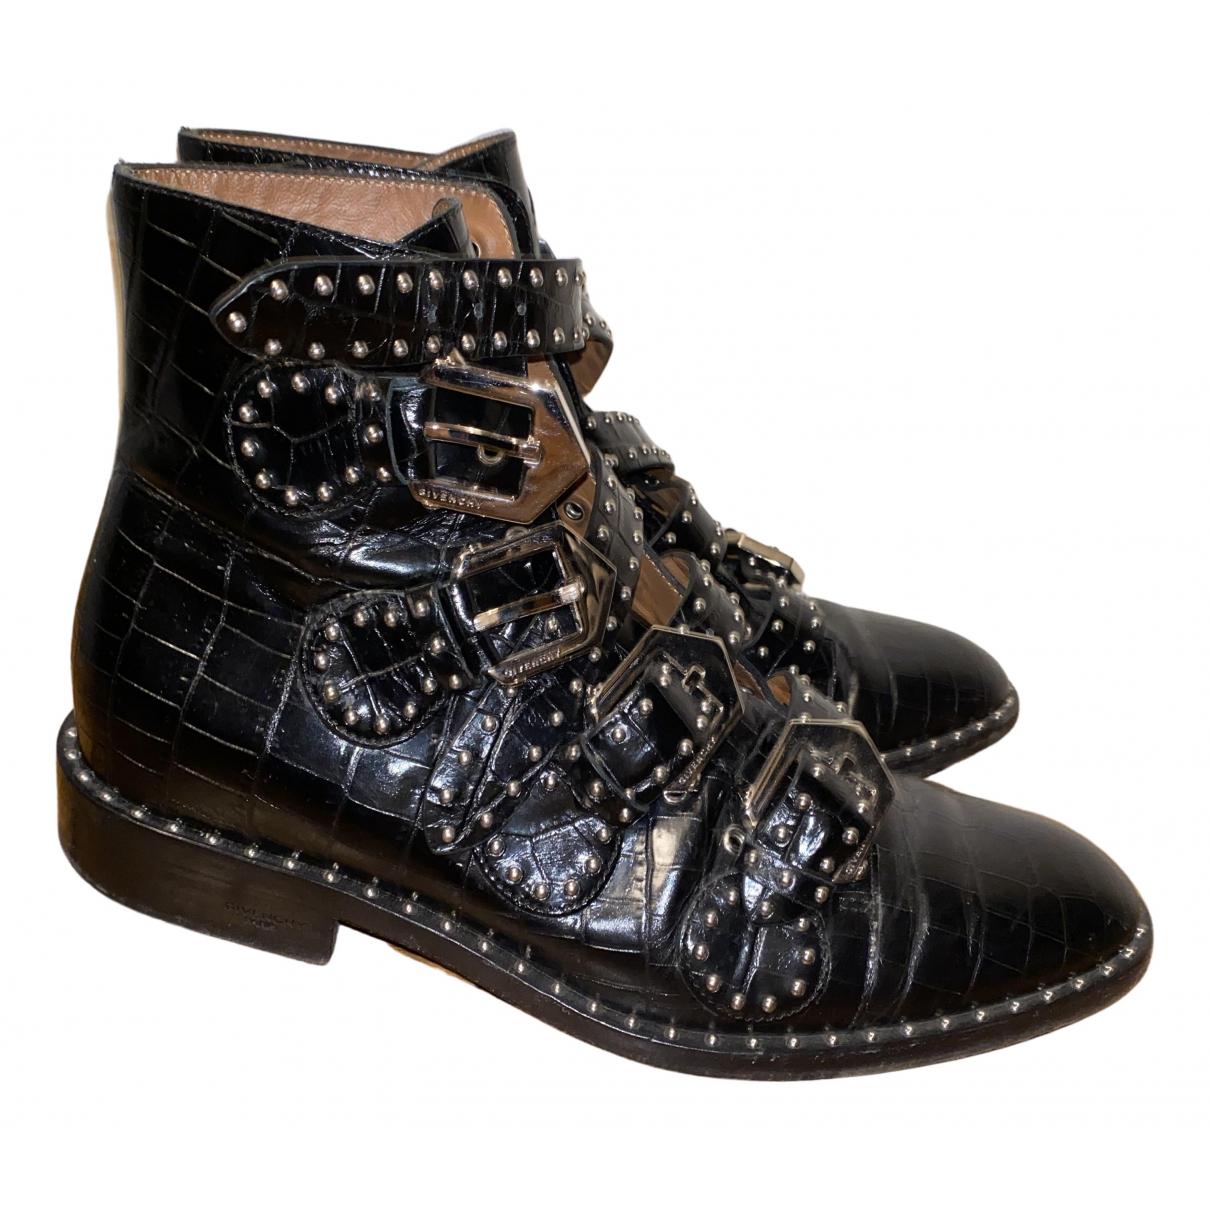 Givenchy - Boots   pour femme en cuir - noir